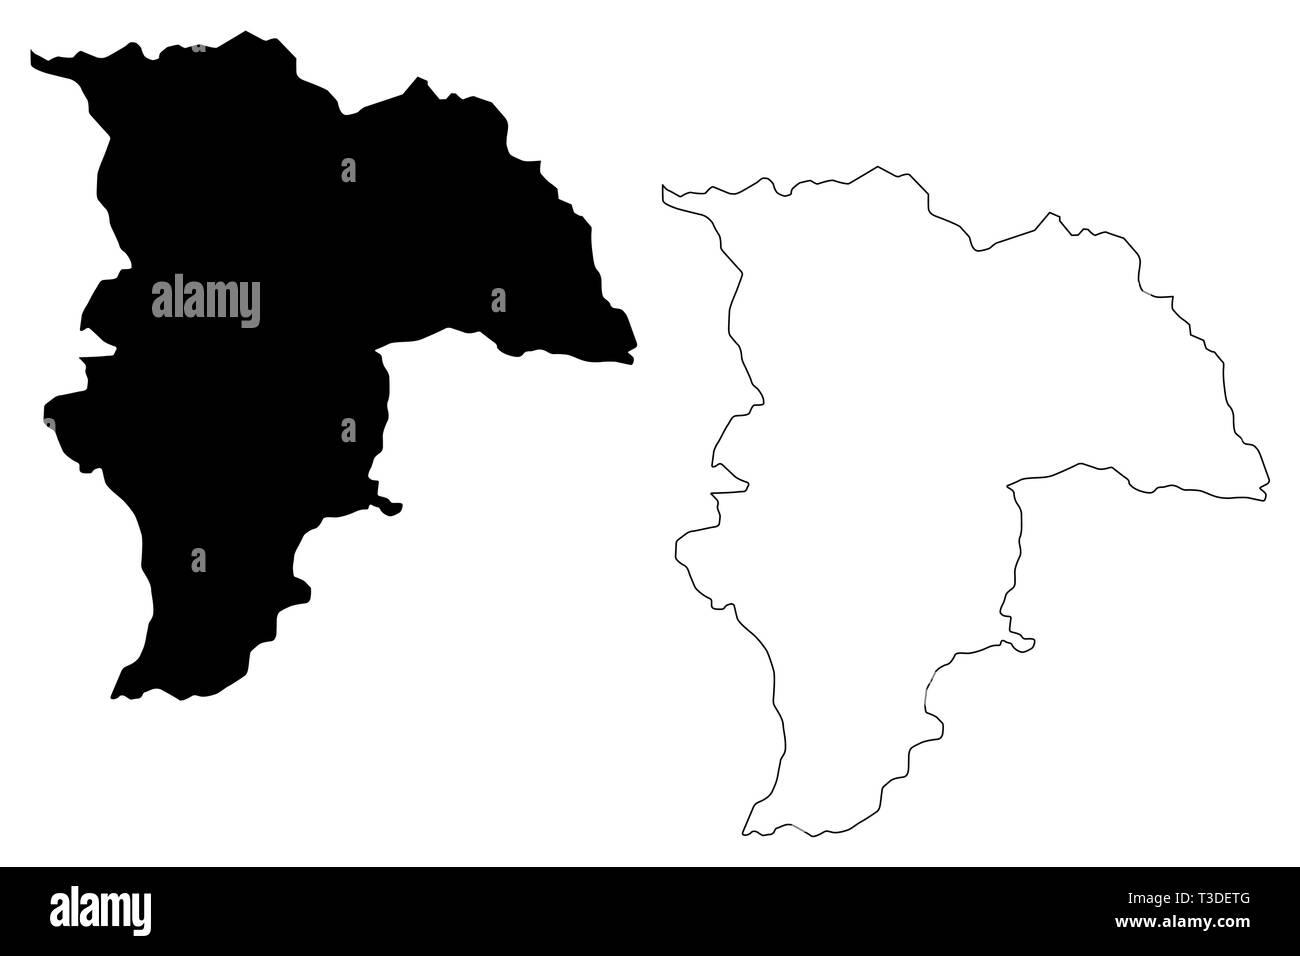 Karte Afghanistan Provinzen.Provinz Balkh Islamische Republik Afghanistan Provinzen